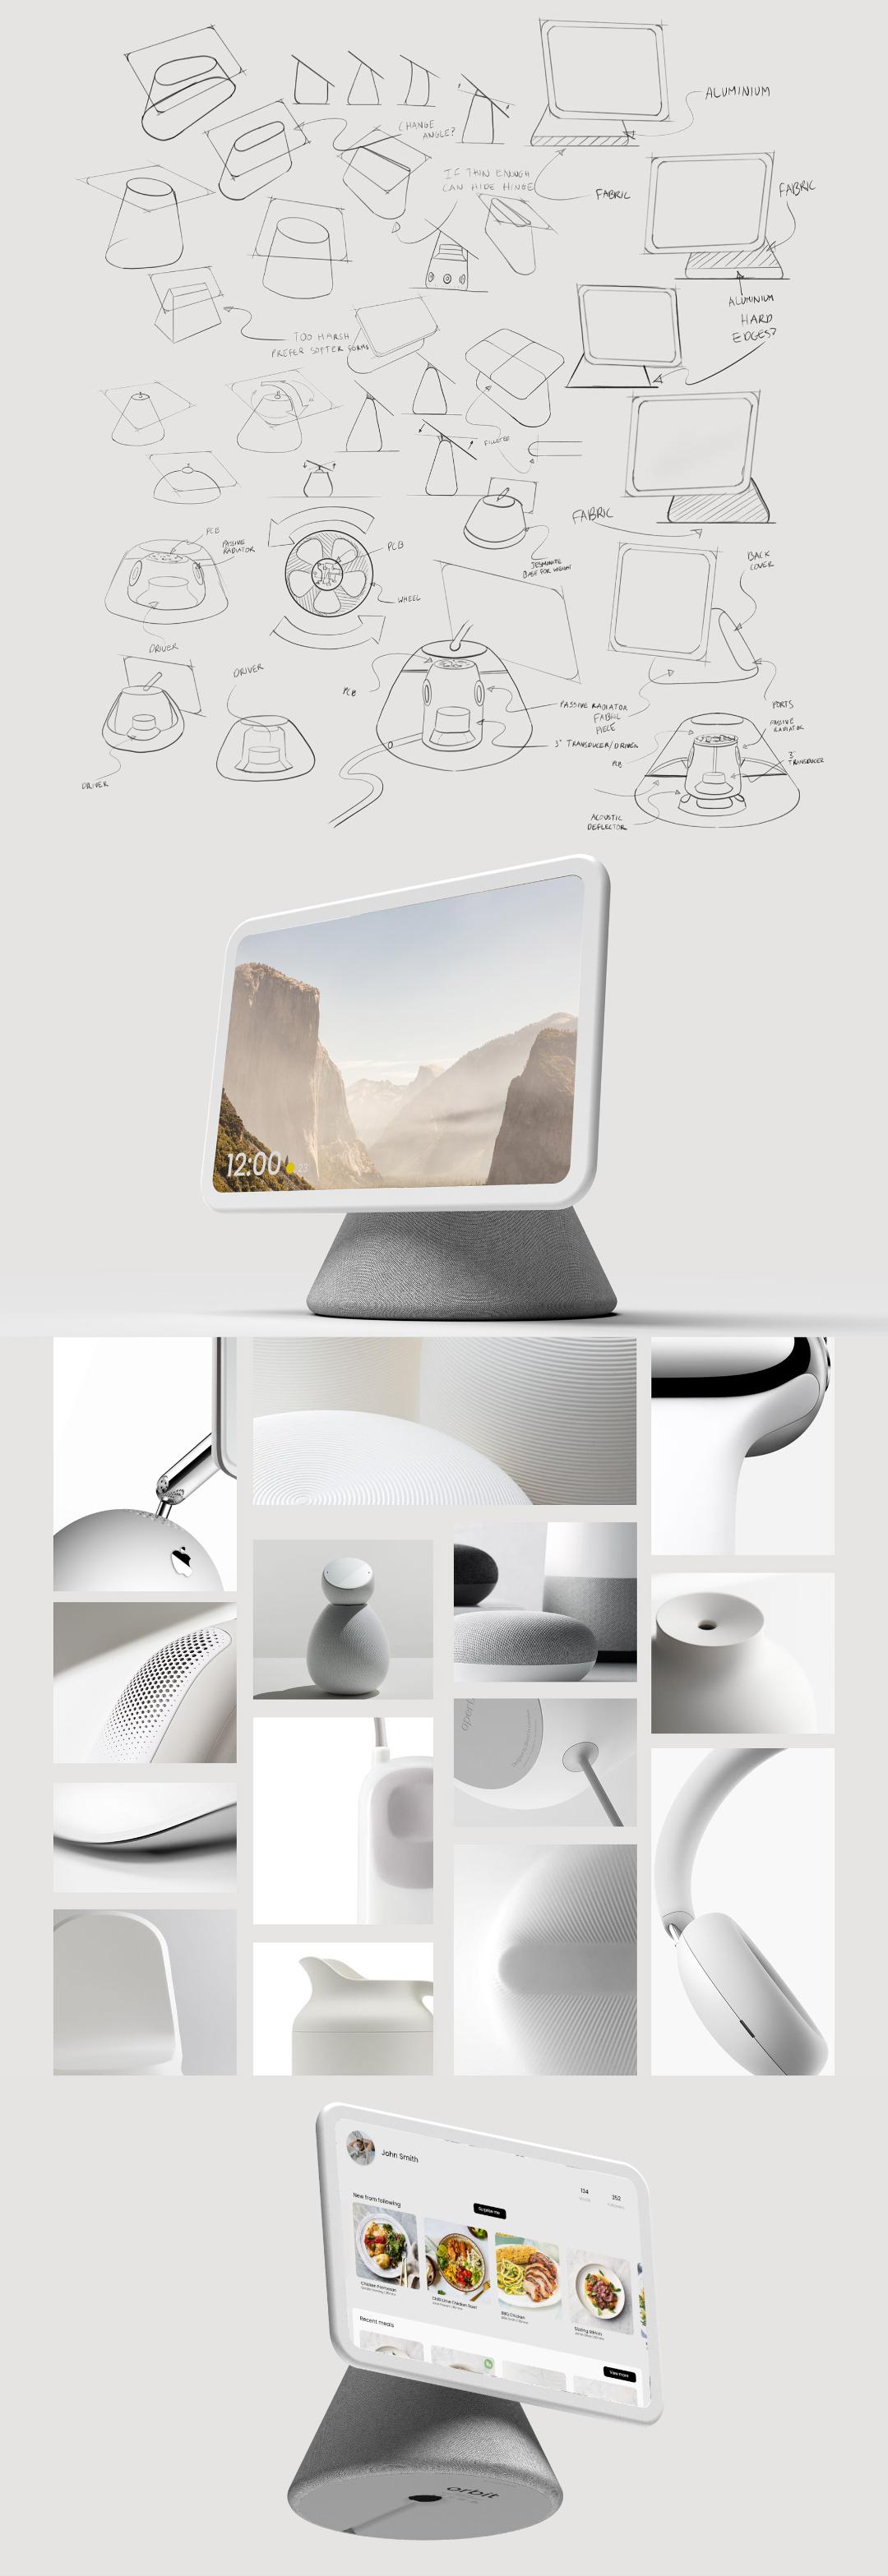 Industrial Design,UI/UX,Branding